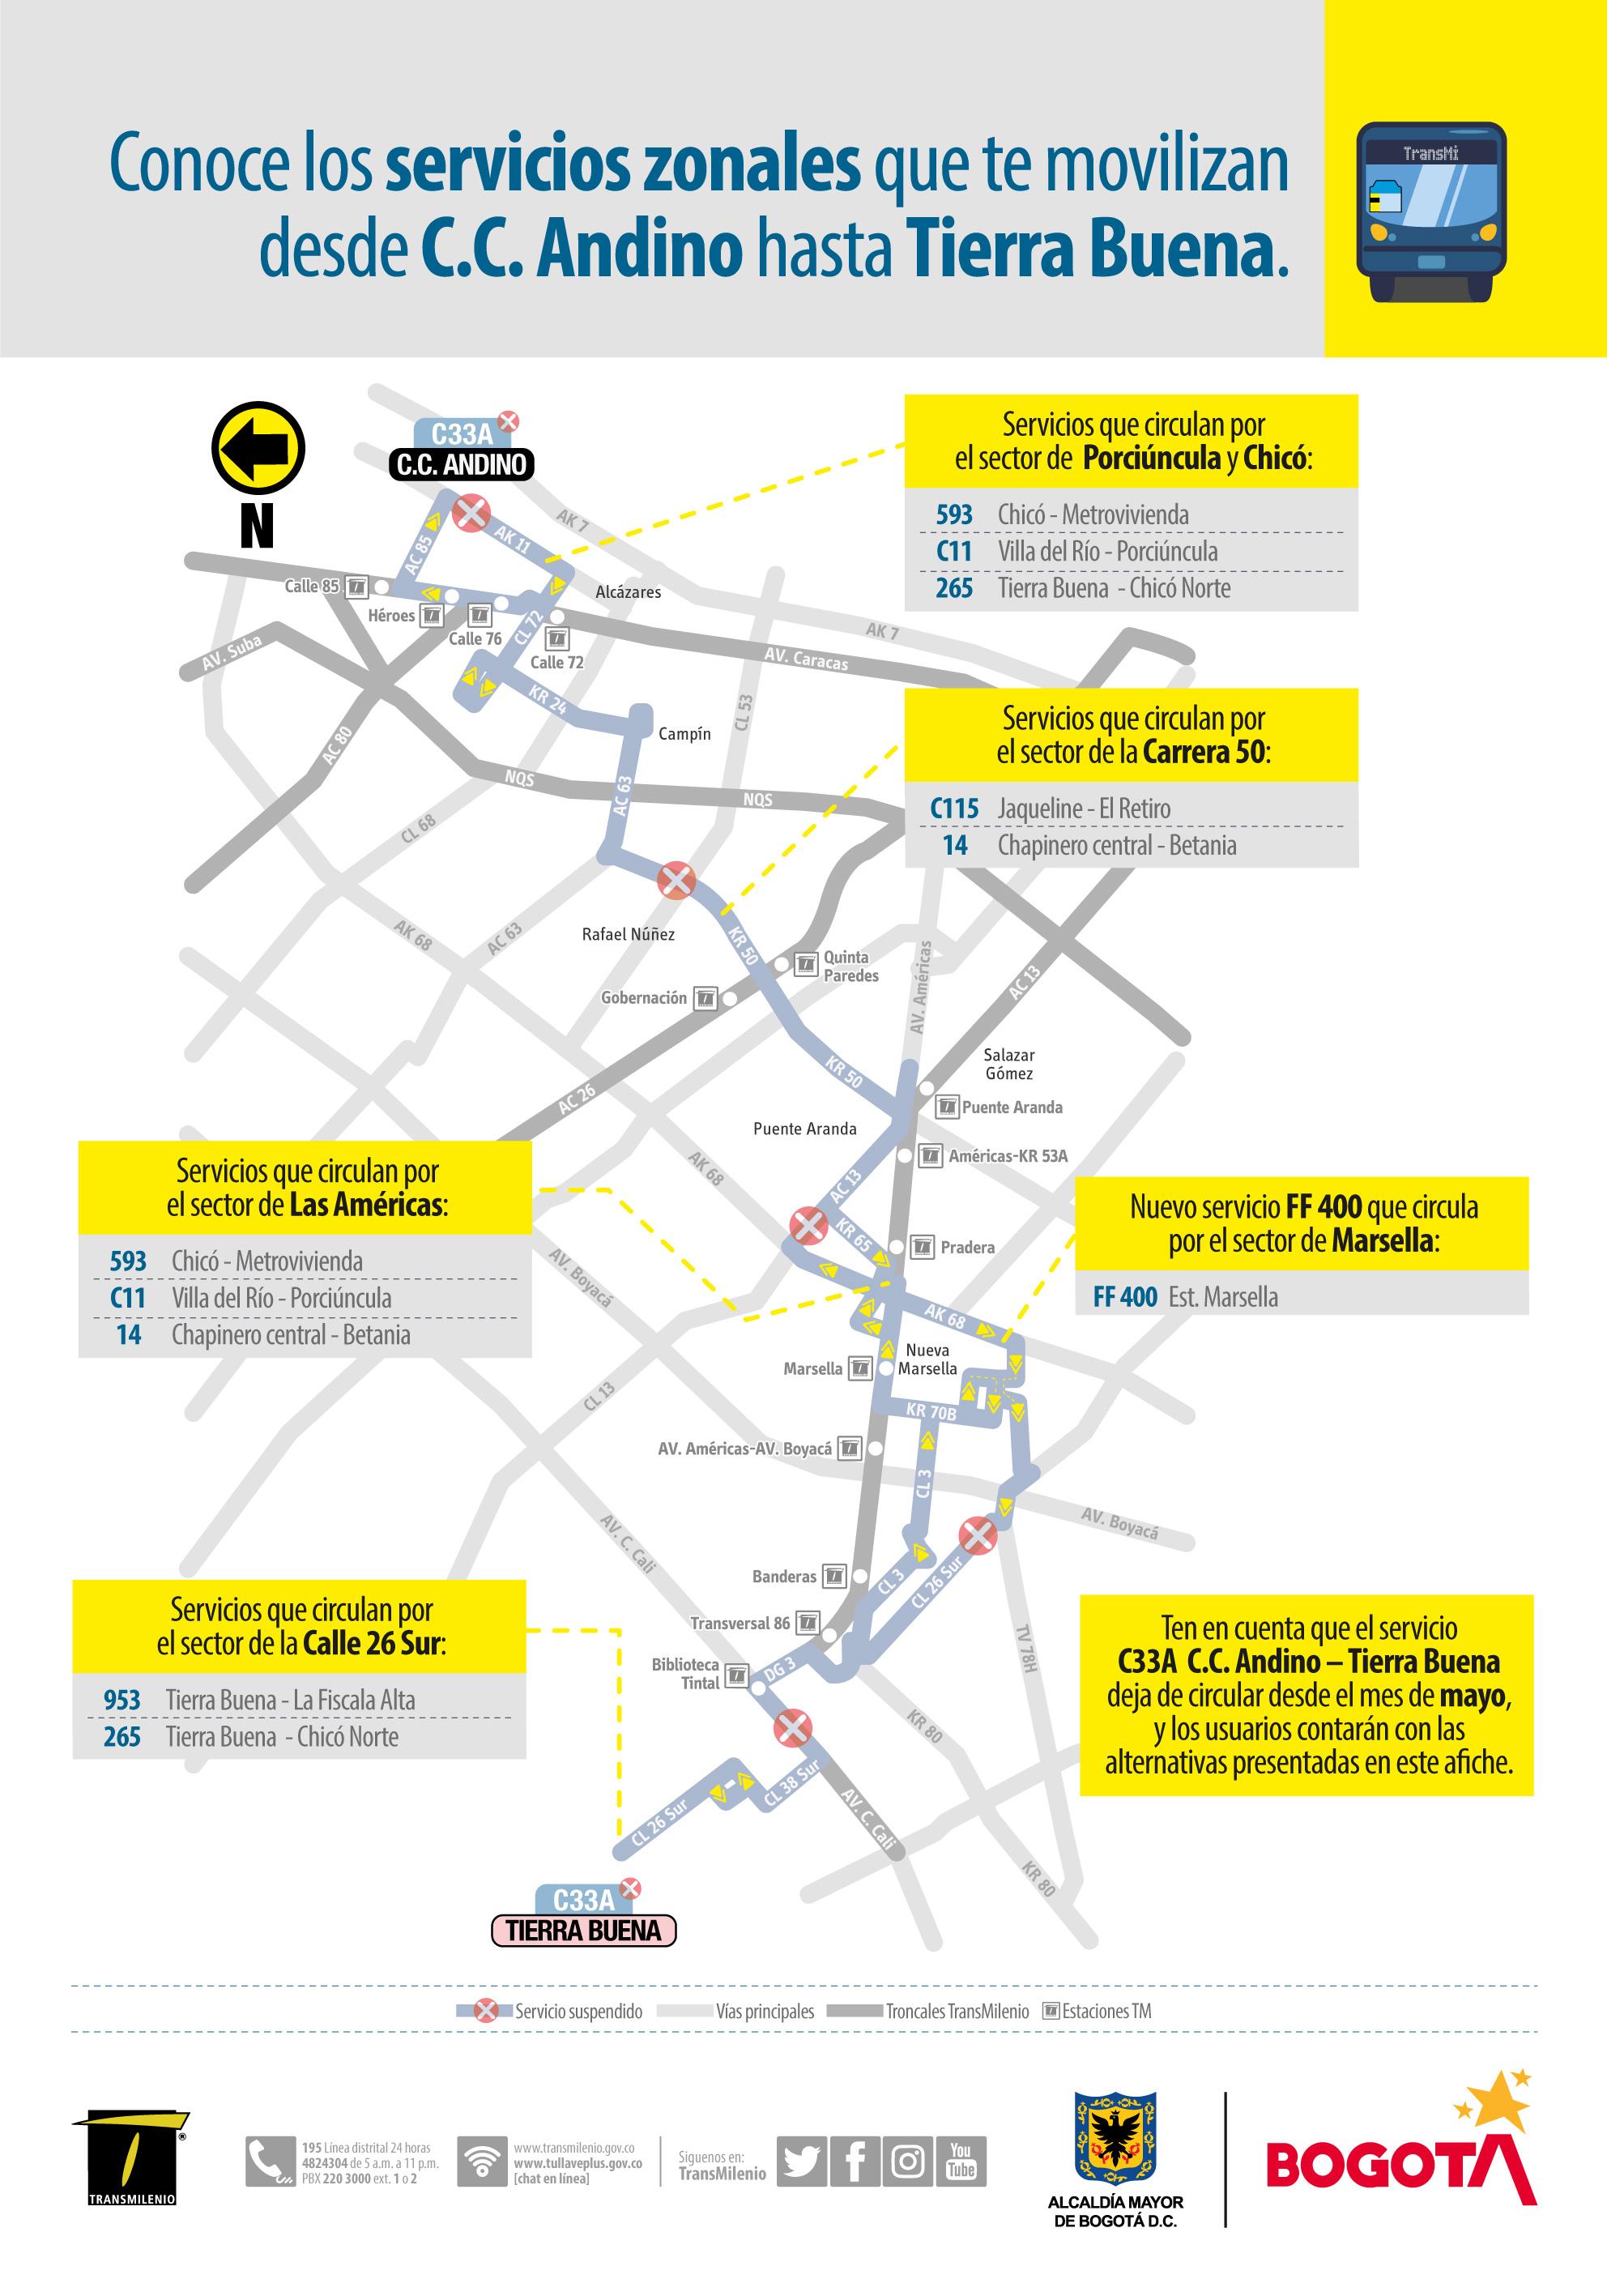 Rutas Alternas para reemplazar la ruta C33A